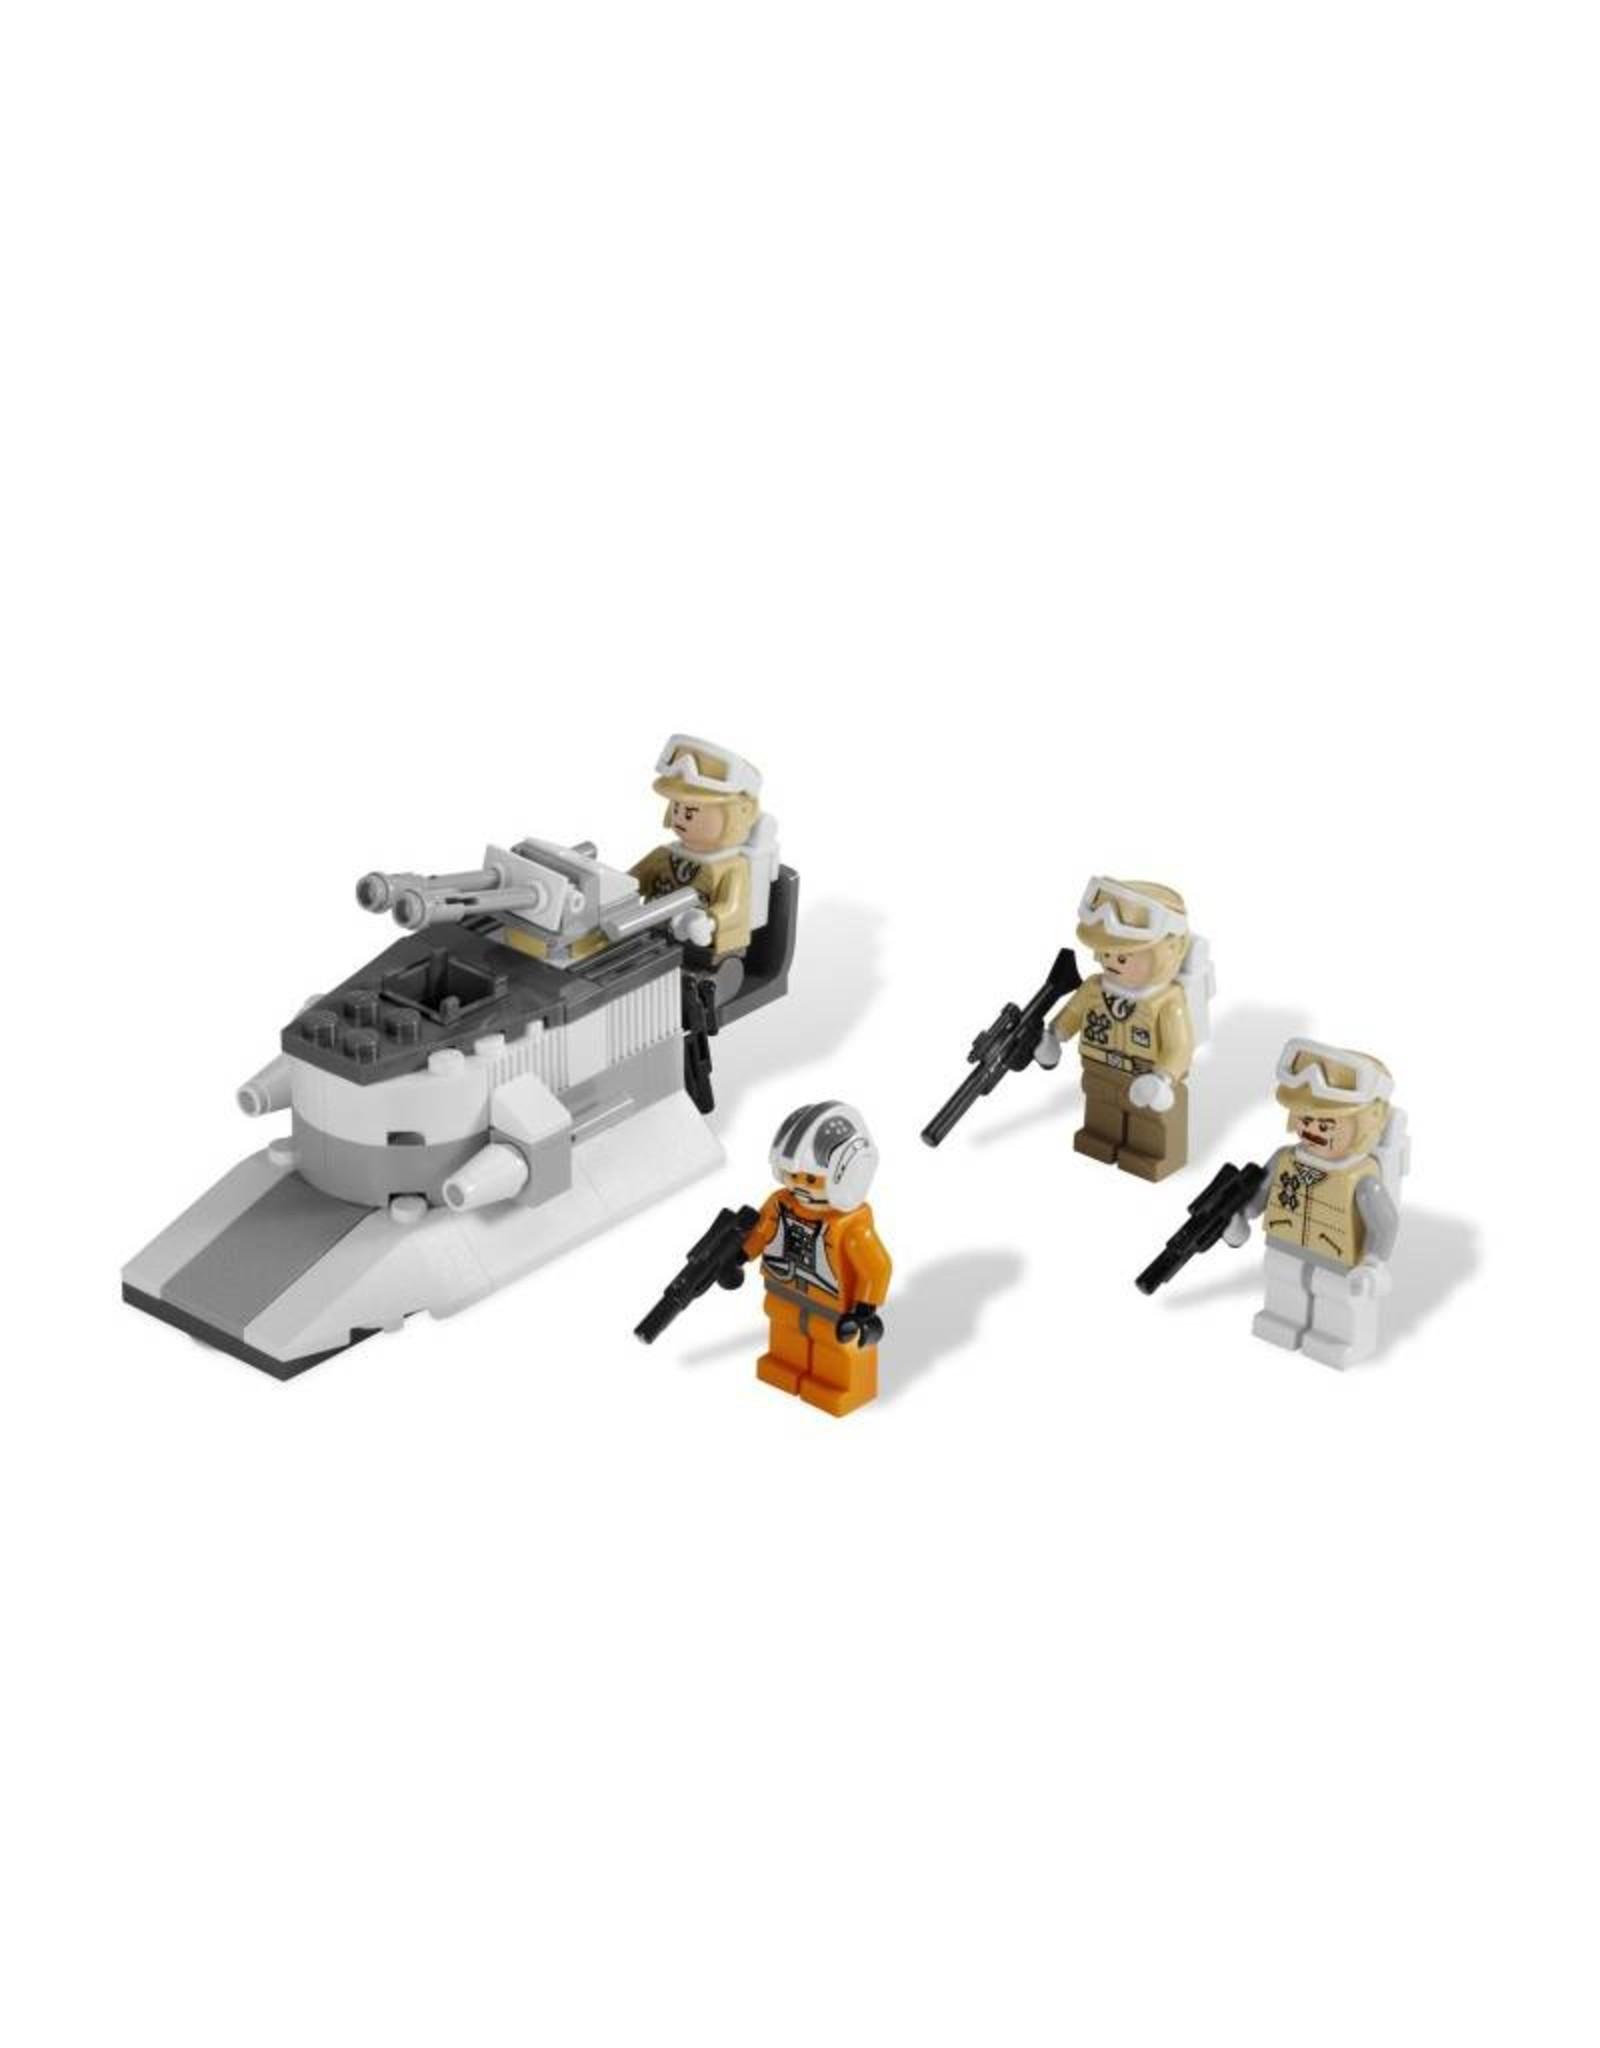 LEGO LEGO 8083 Rebel Trooper Pack STAR WARS